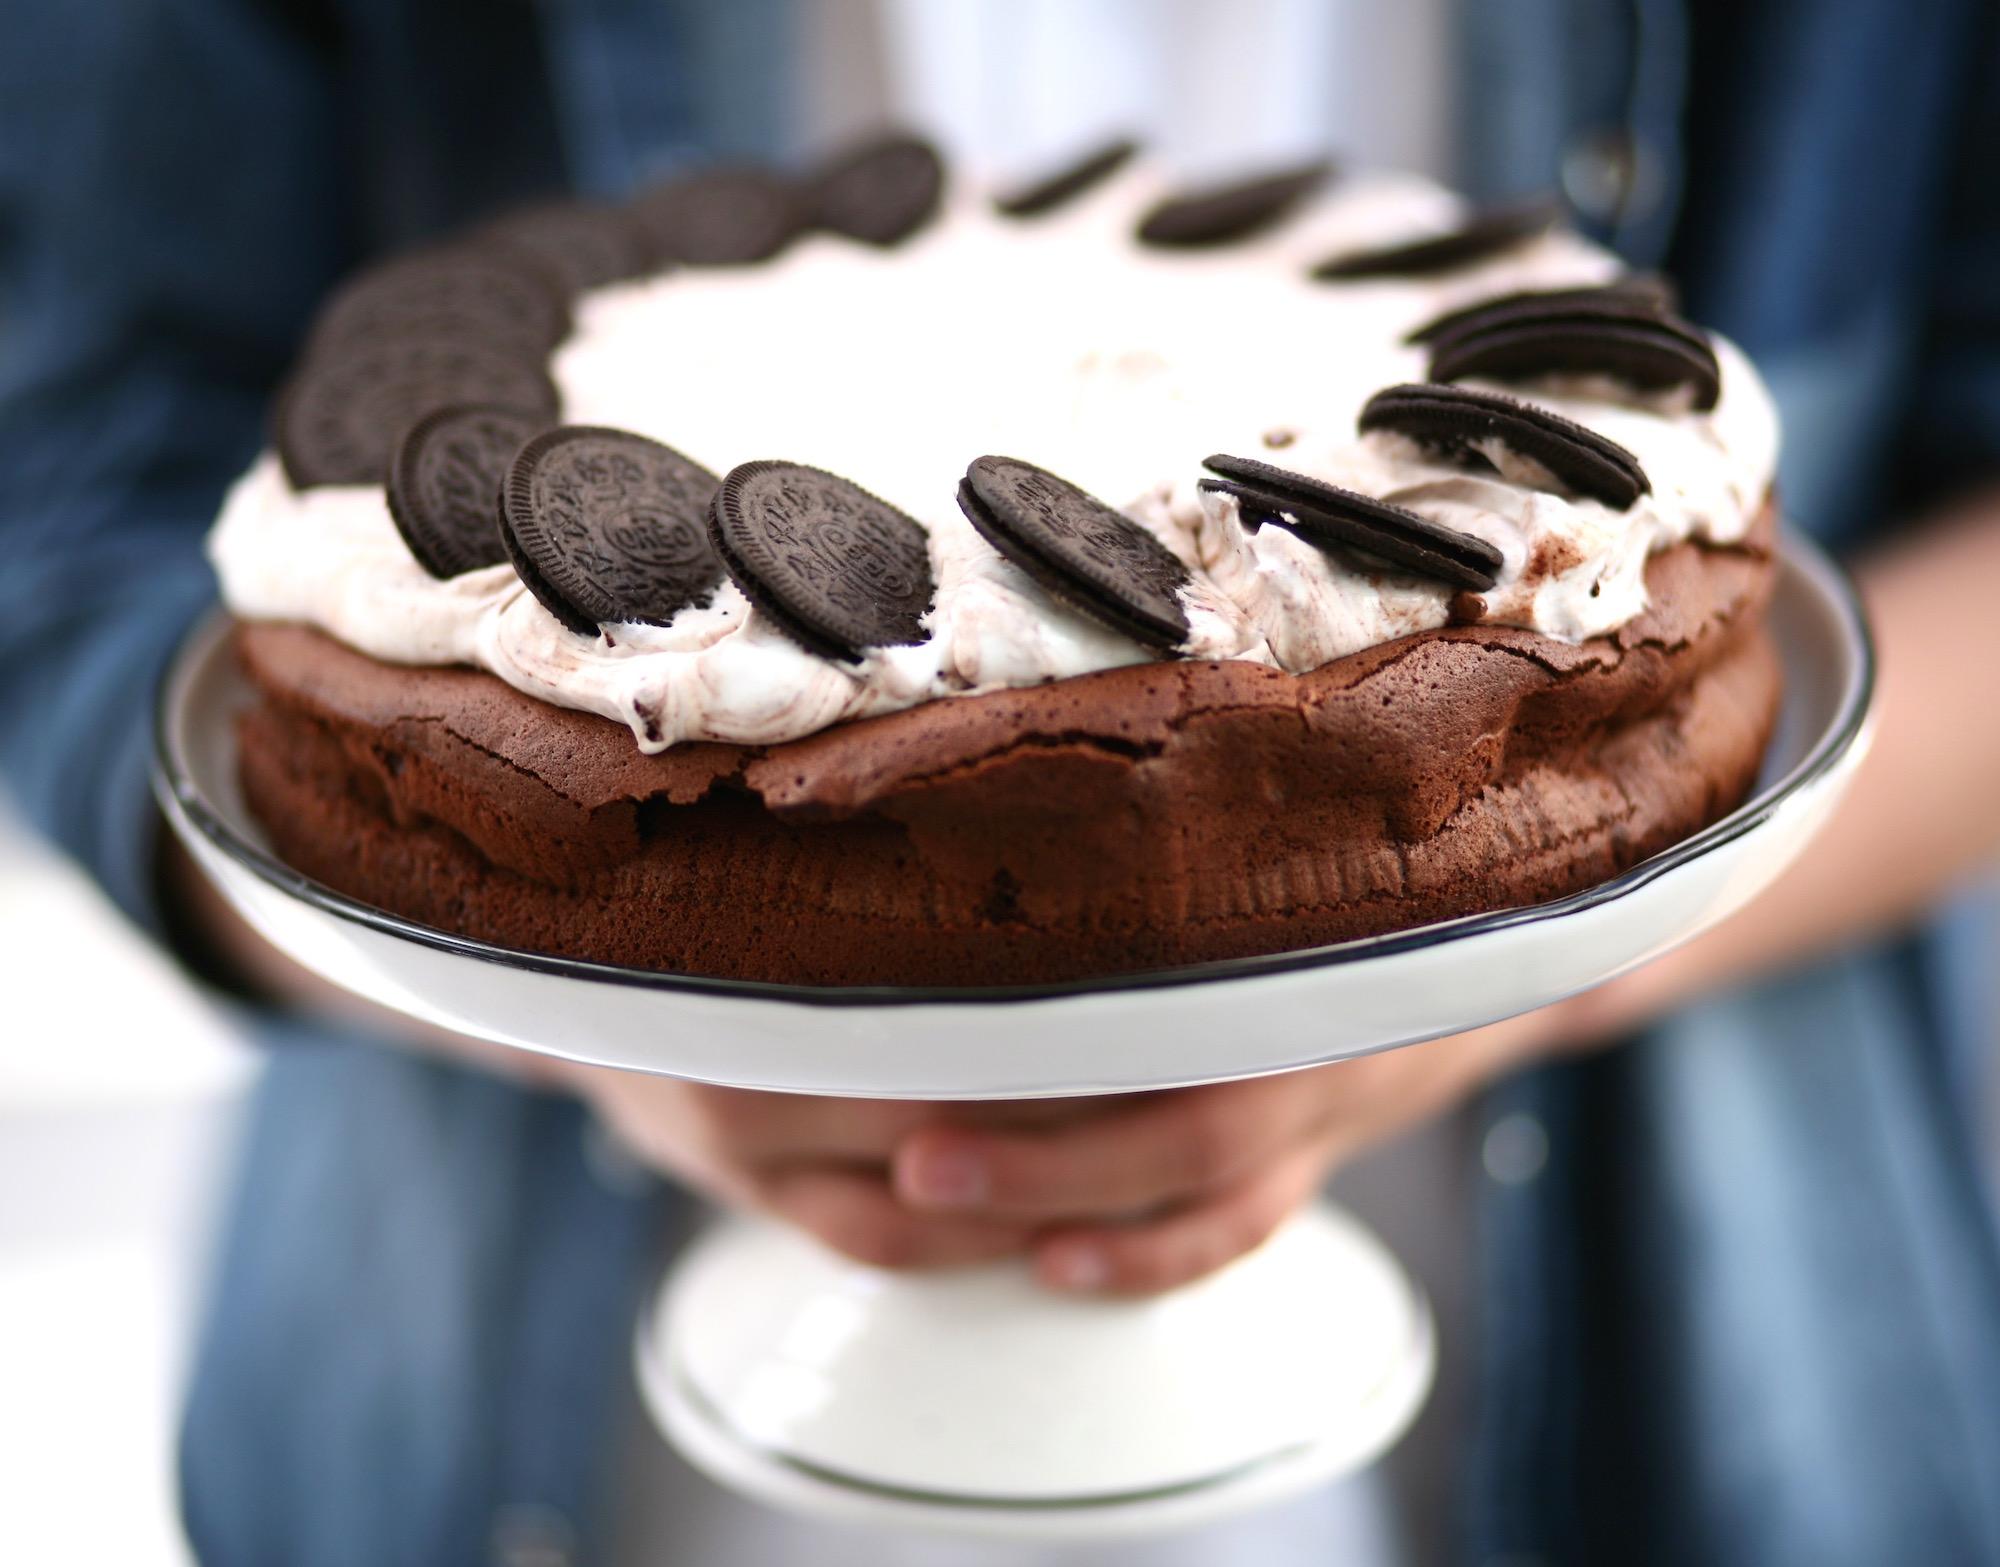 עוגת שוקולד ללא קמח עם אוריאו